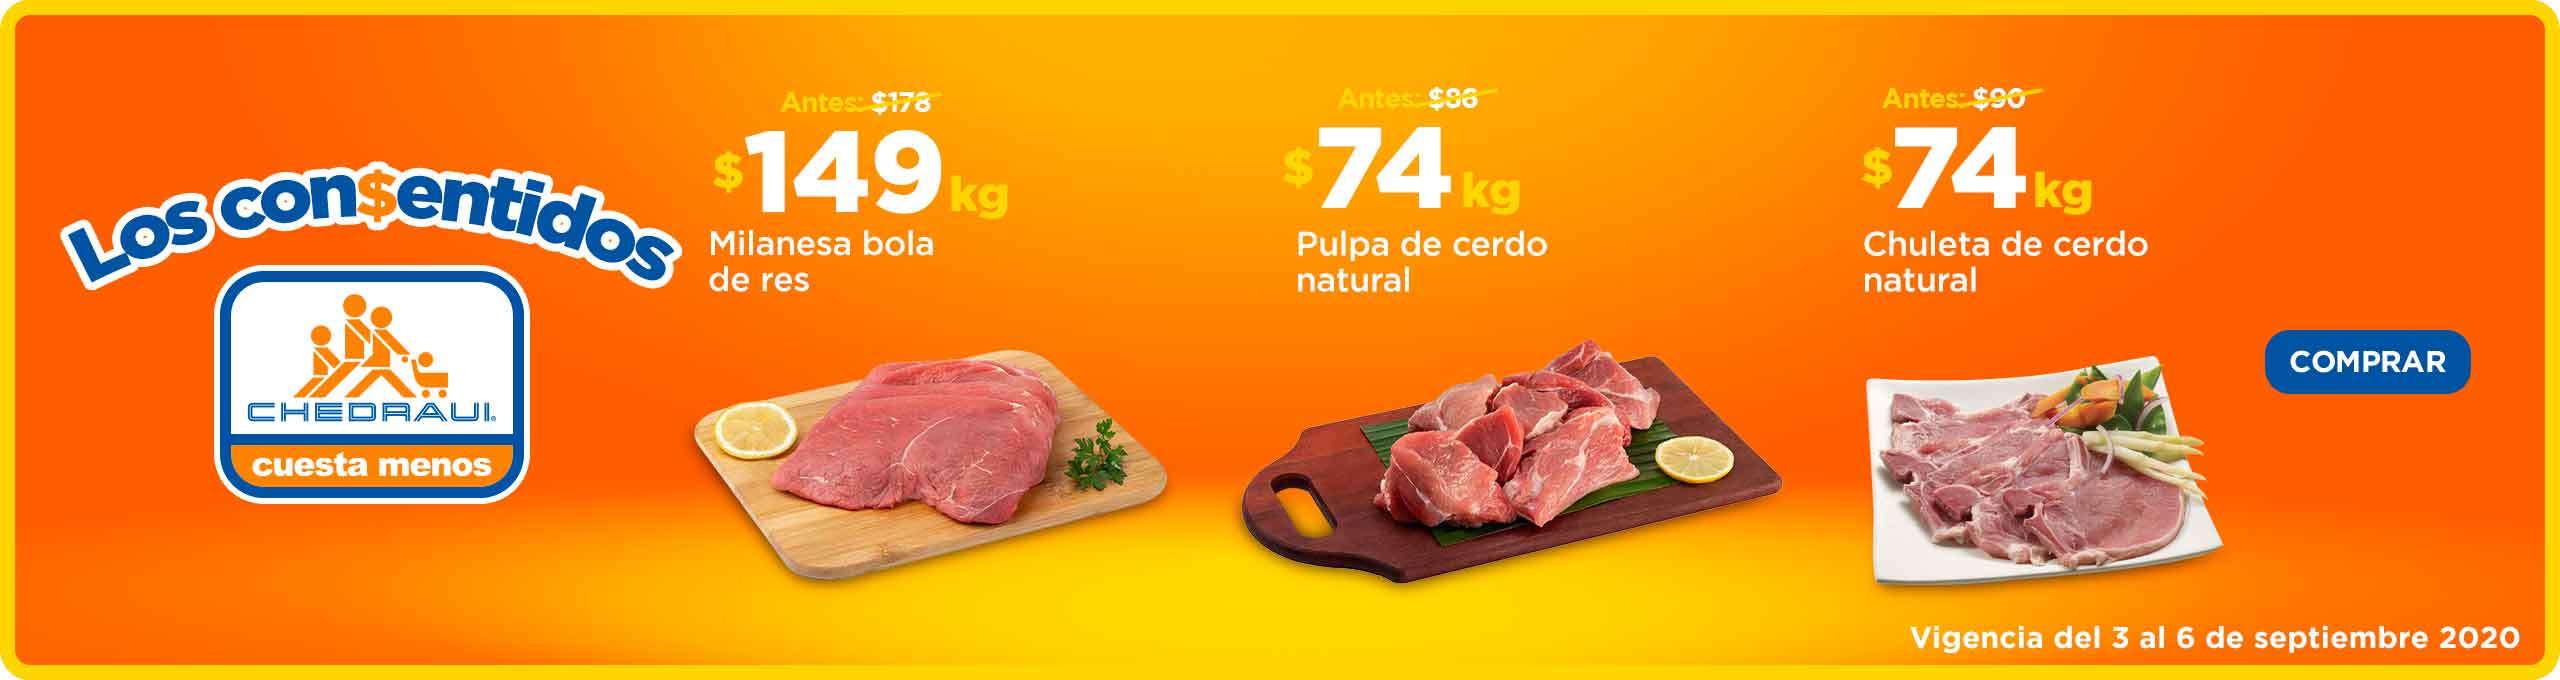 Chedraui: Ofertas en carnes del 3 al 6 de septiembre 2020